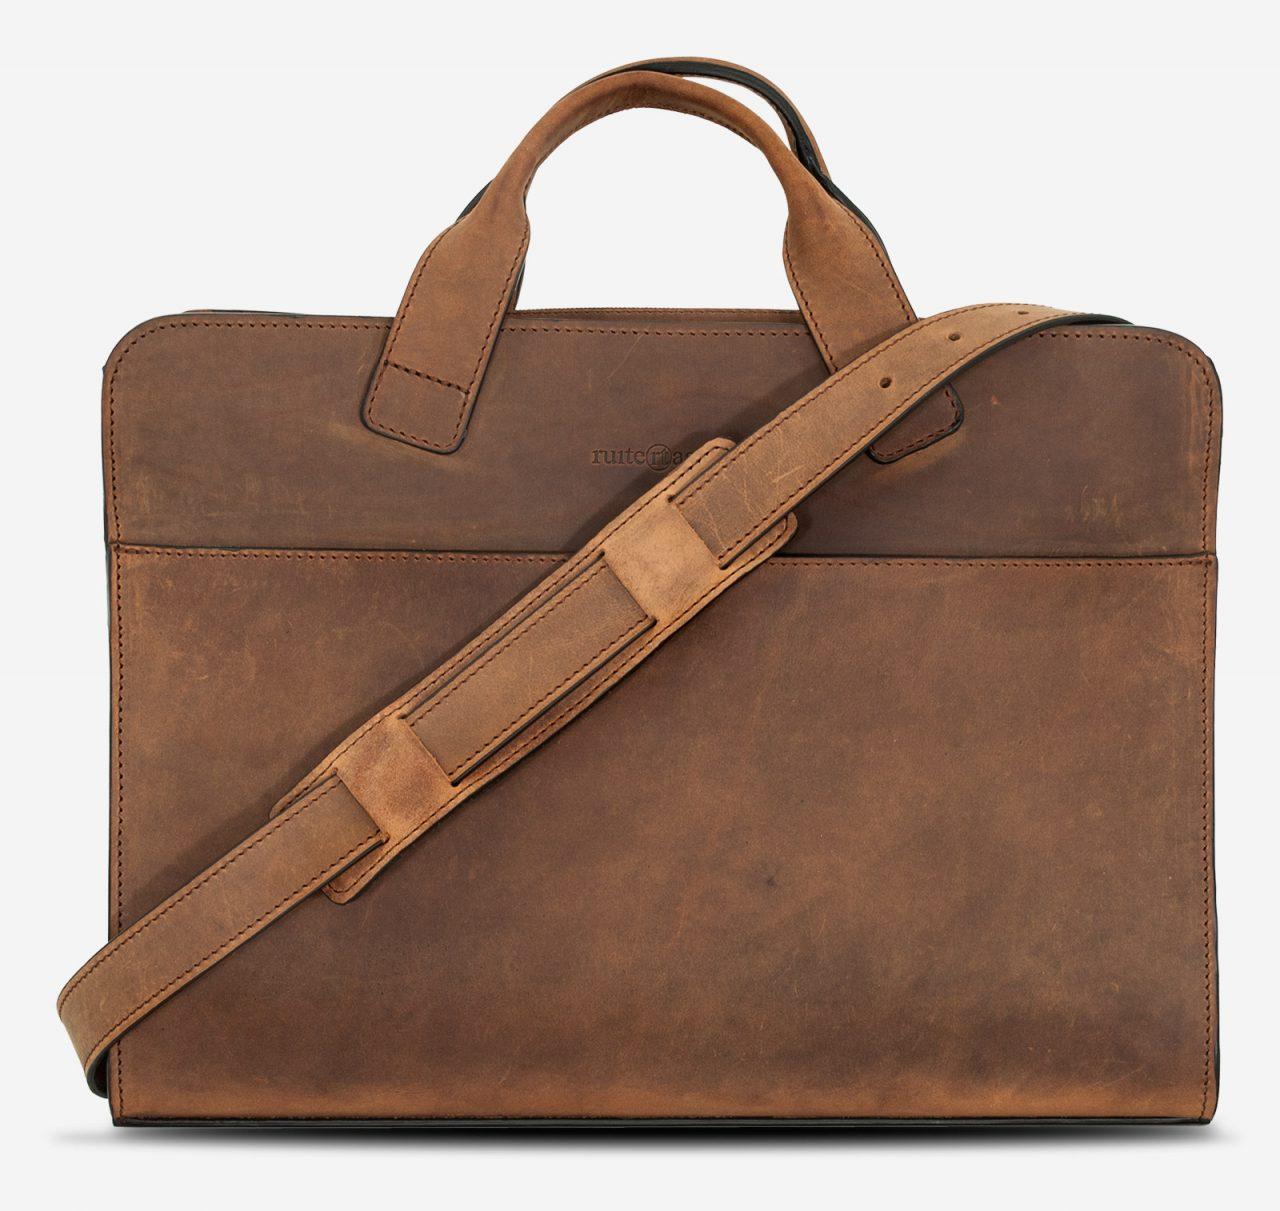 Sacoche avec bandoulière style vintage en cuir marron.